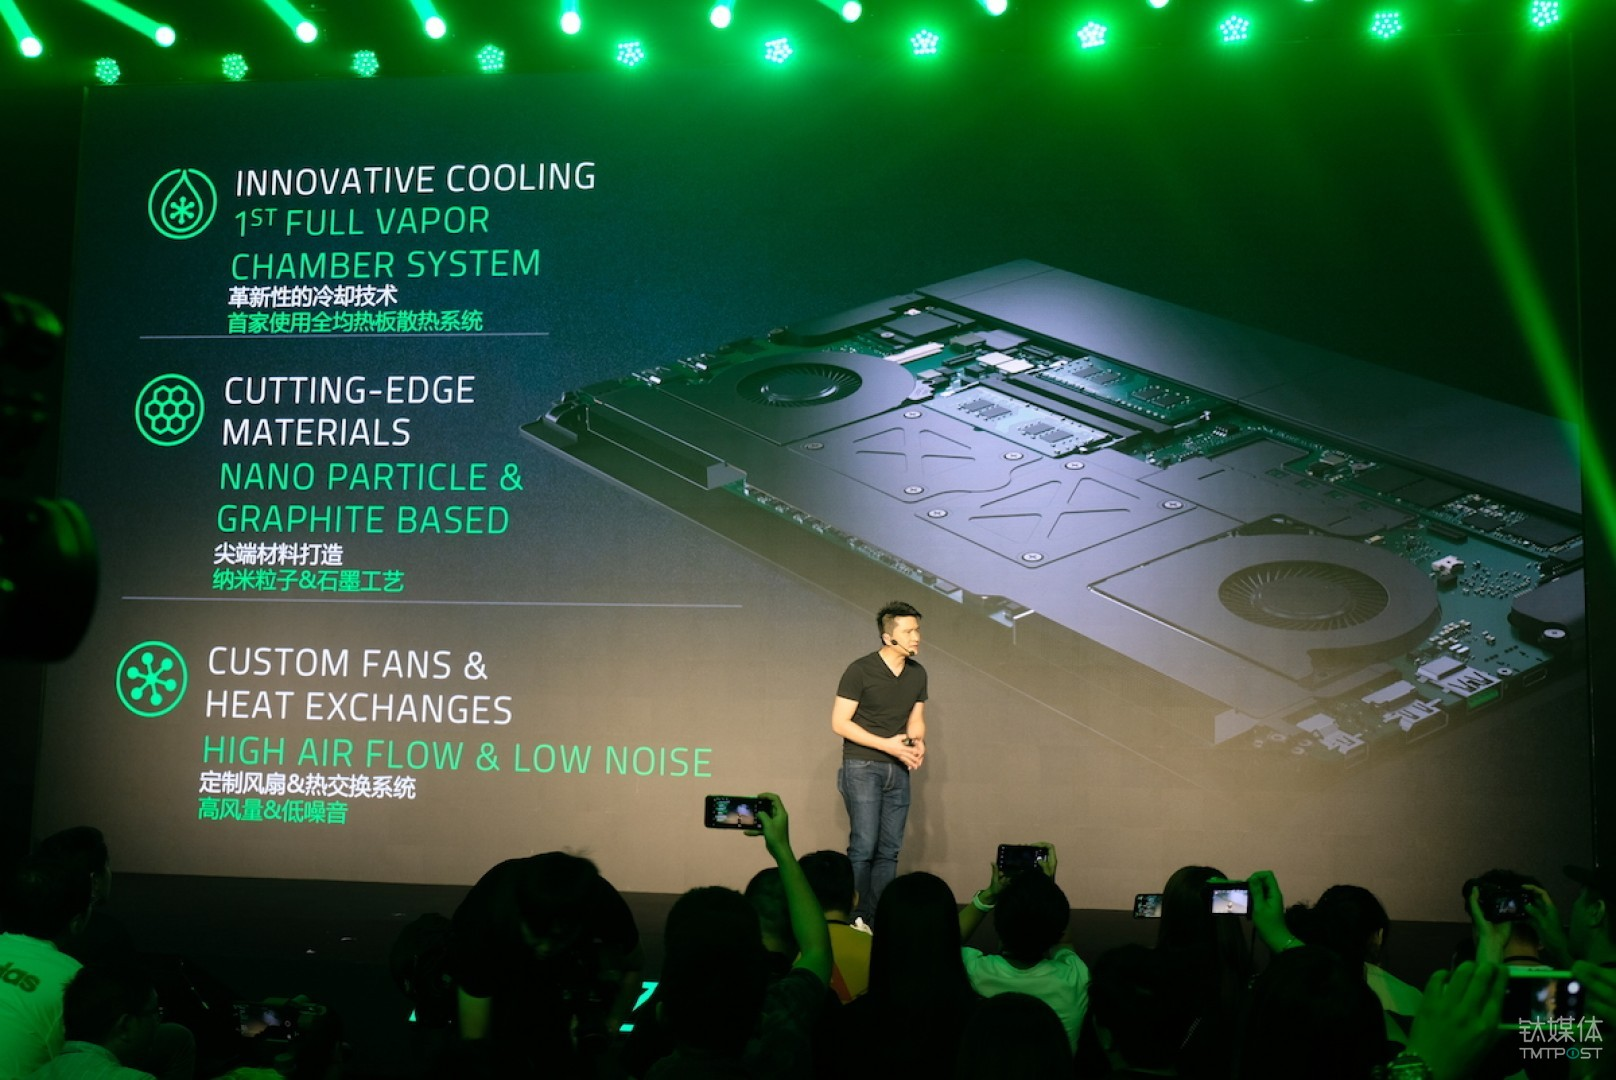 雷蛇发布游戏笔记本,业界最小机身 16999起[金沙真人游戏]-产品描述-玩意儿